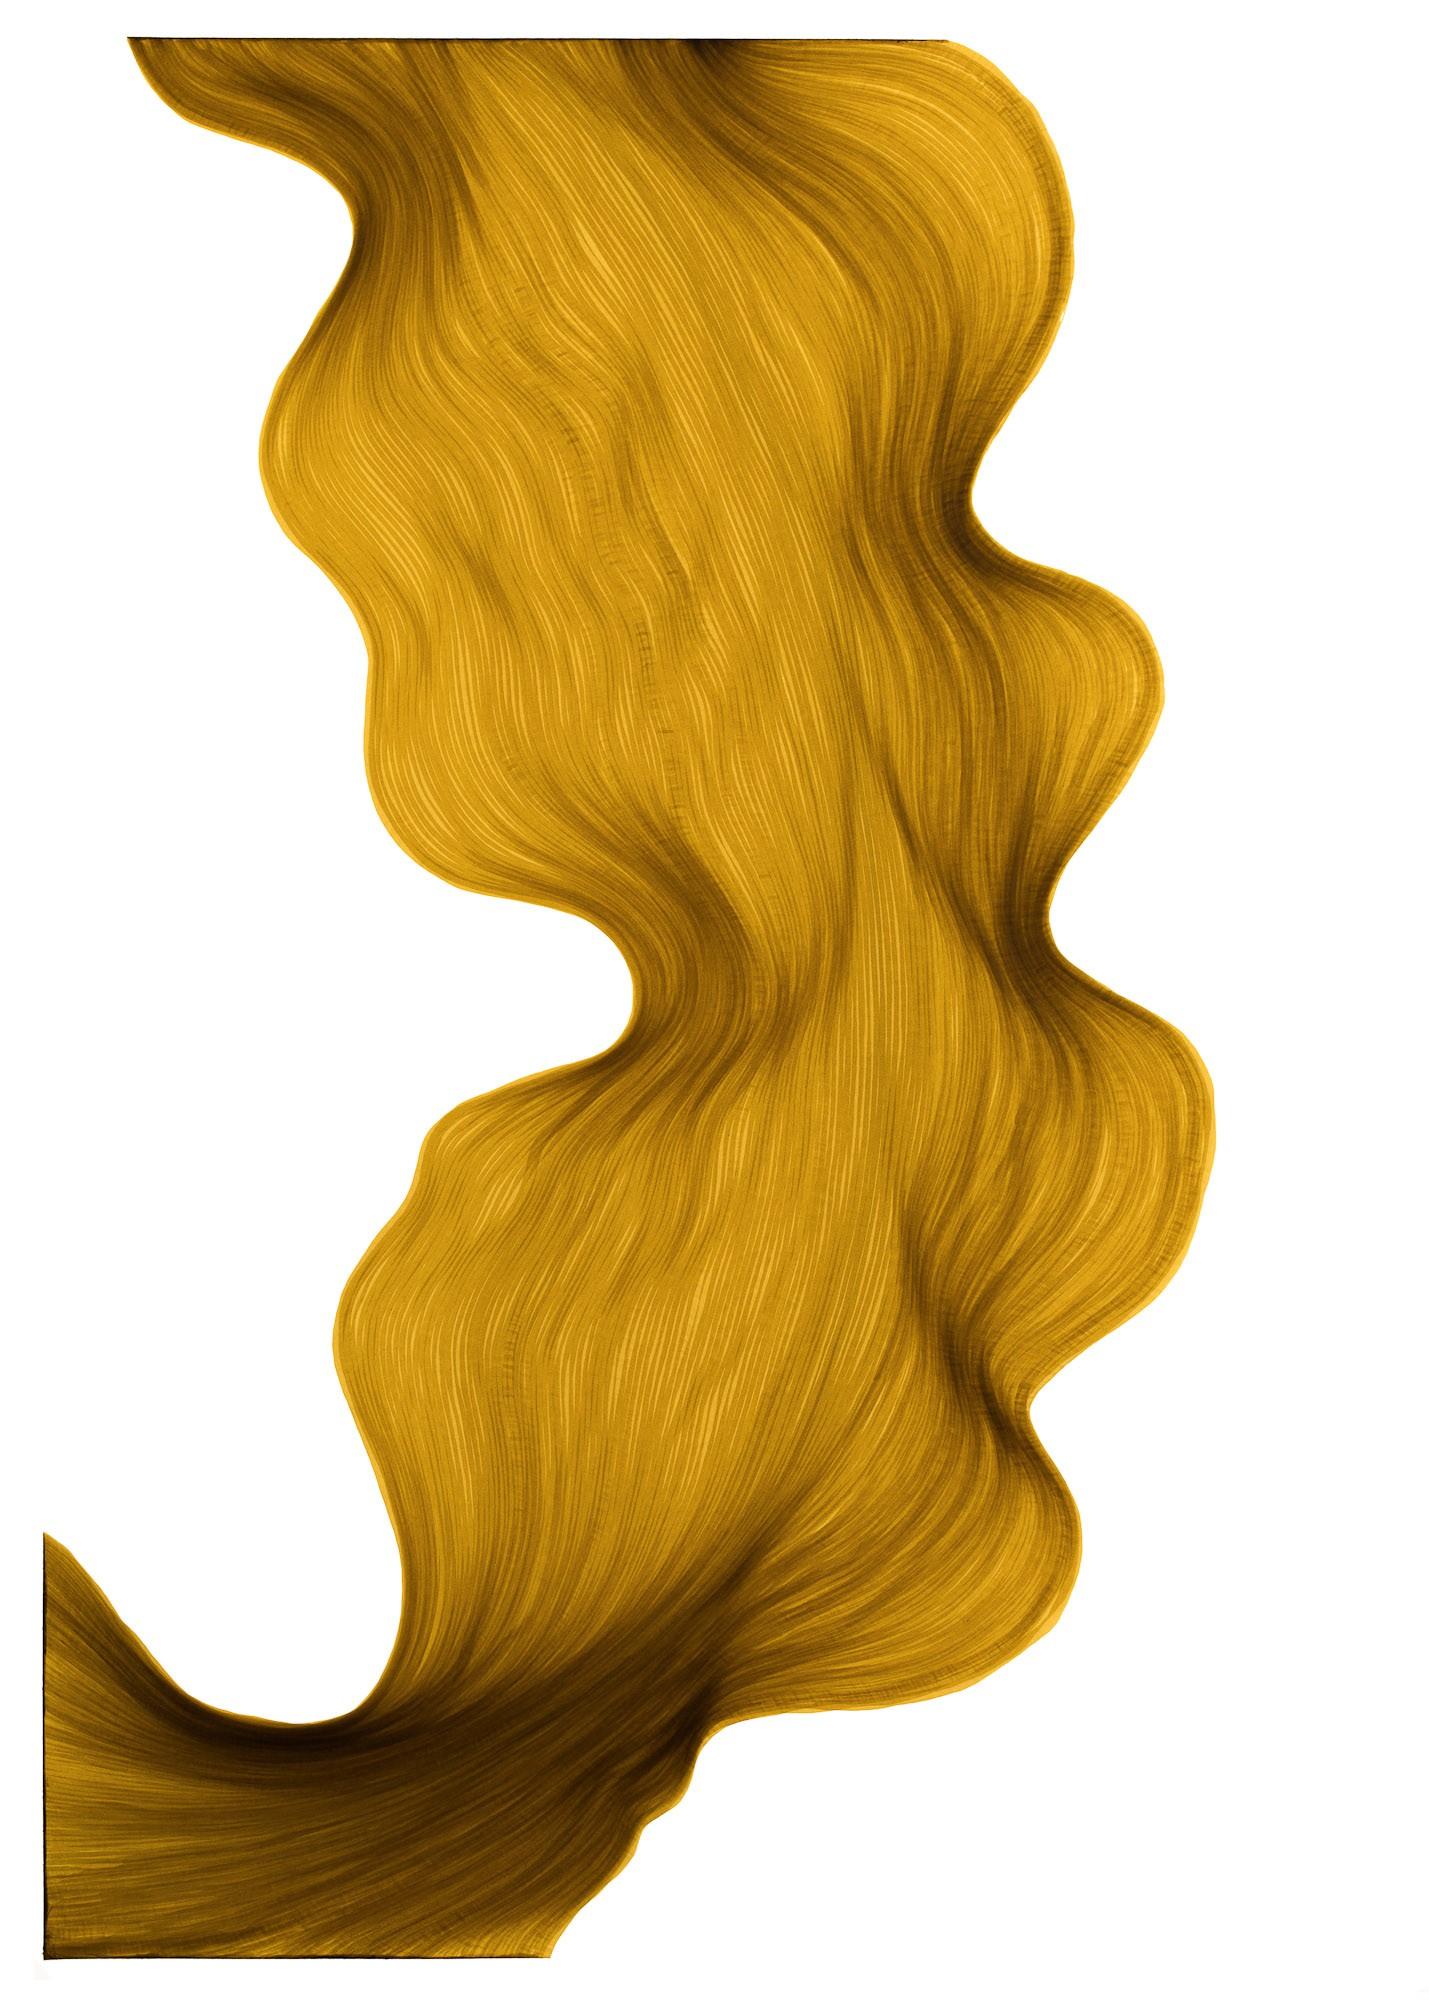 Old Gold | Lali Torma | Zeichnung | Kalligraphie Tinte auf Papier